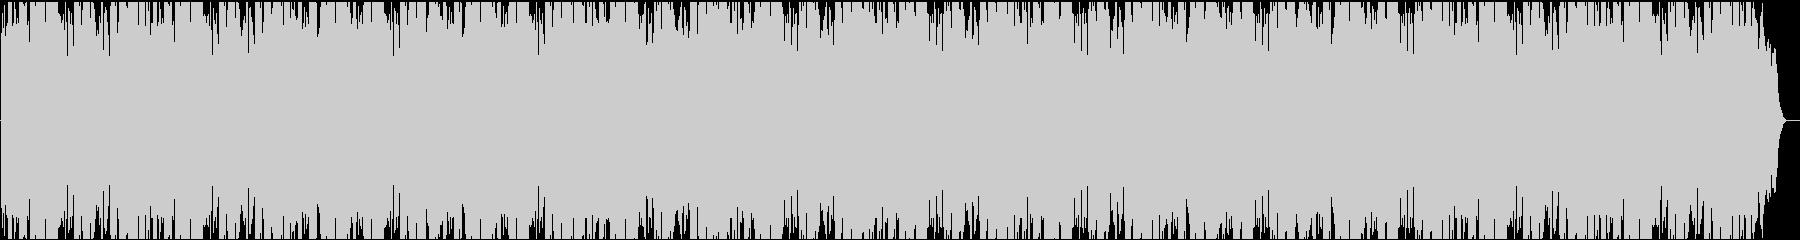 企業VP7 24bit44kHzVerの未再生の波形